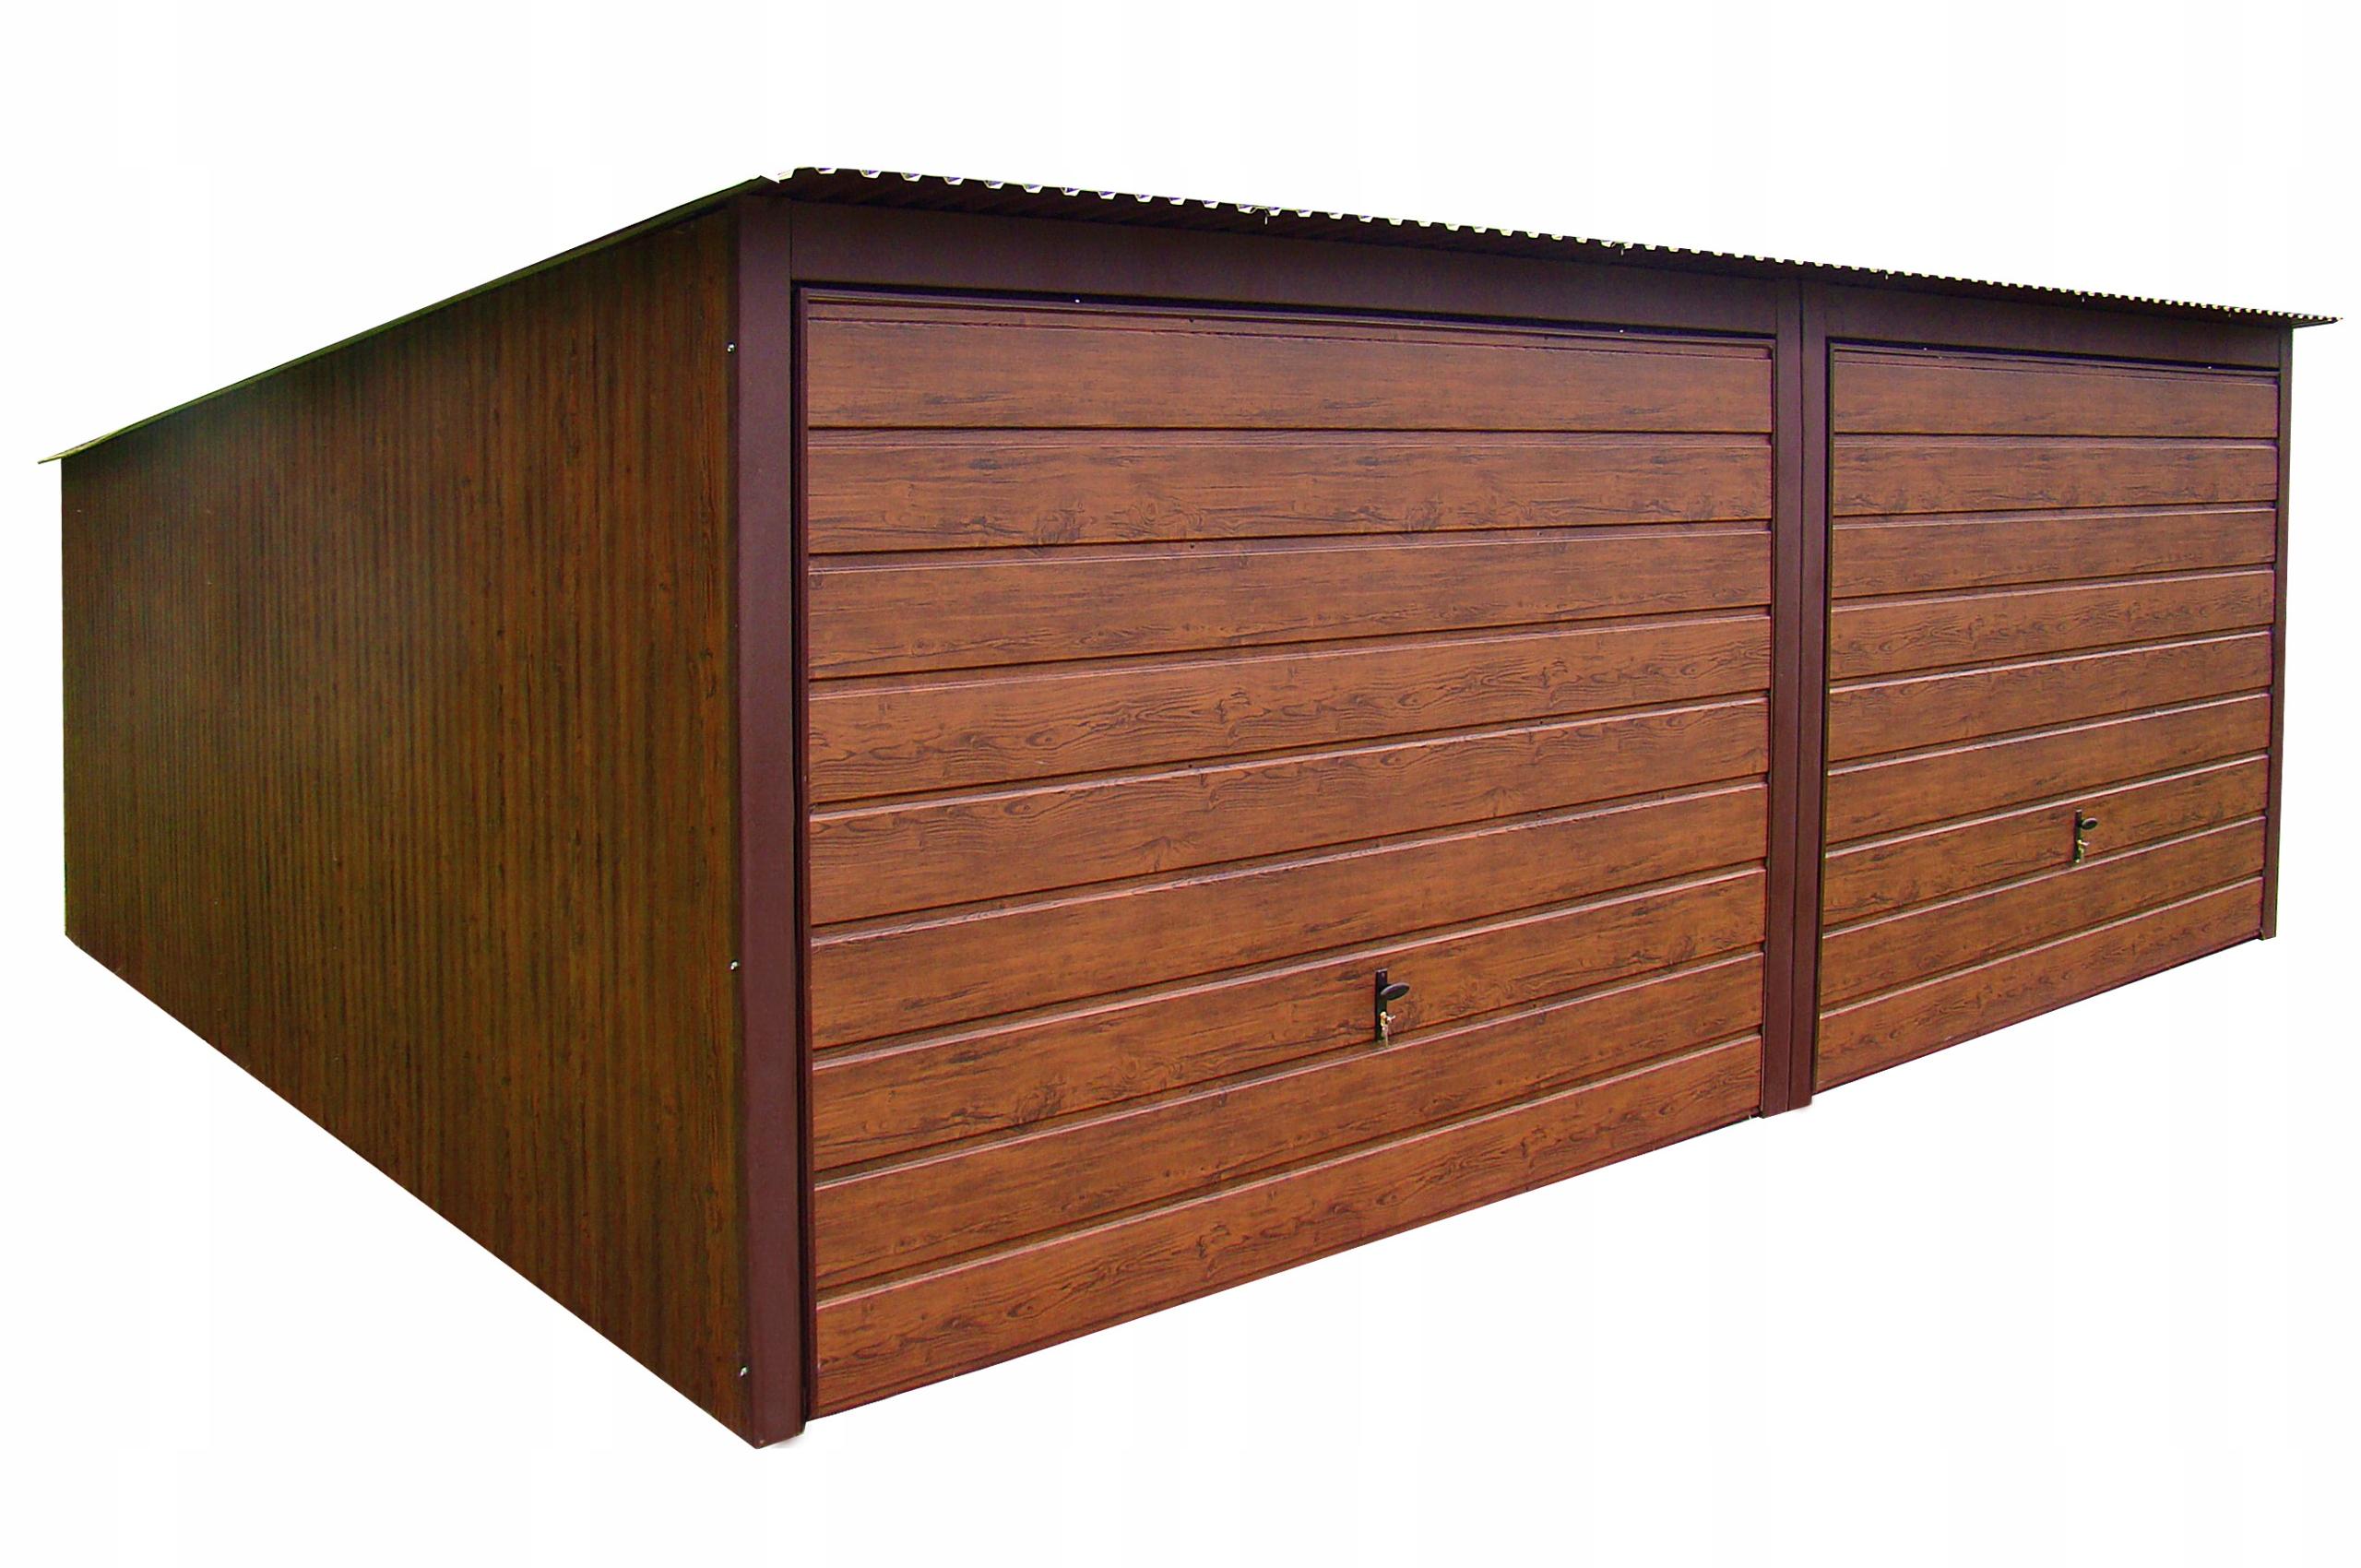 Garaże Blaszane 6x5 Orzech Garaż Drewnopodobny